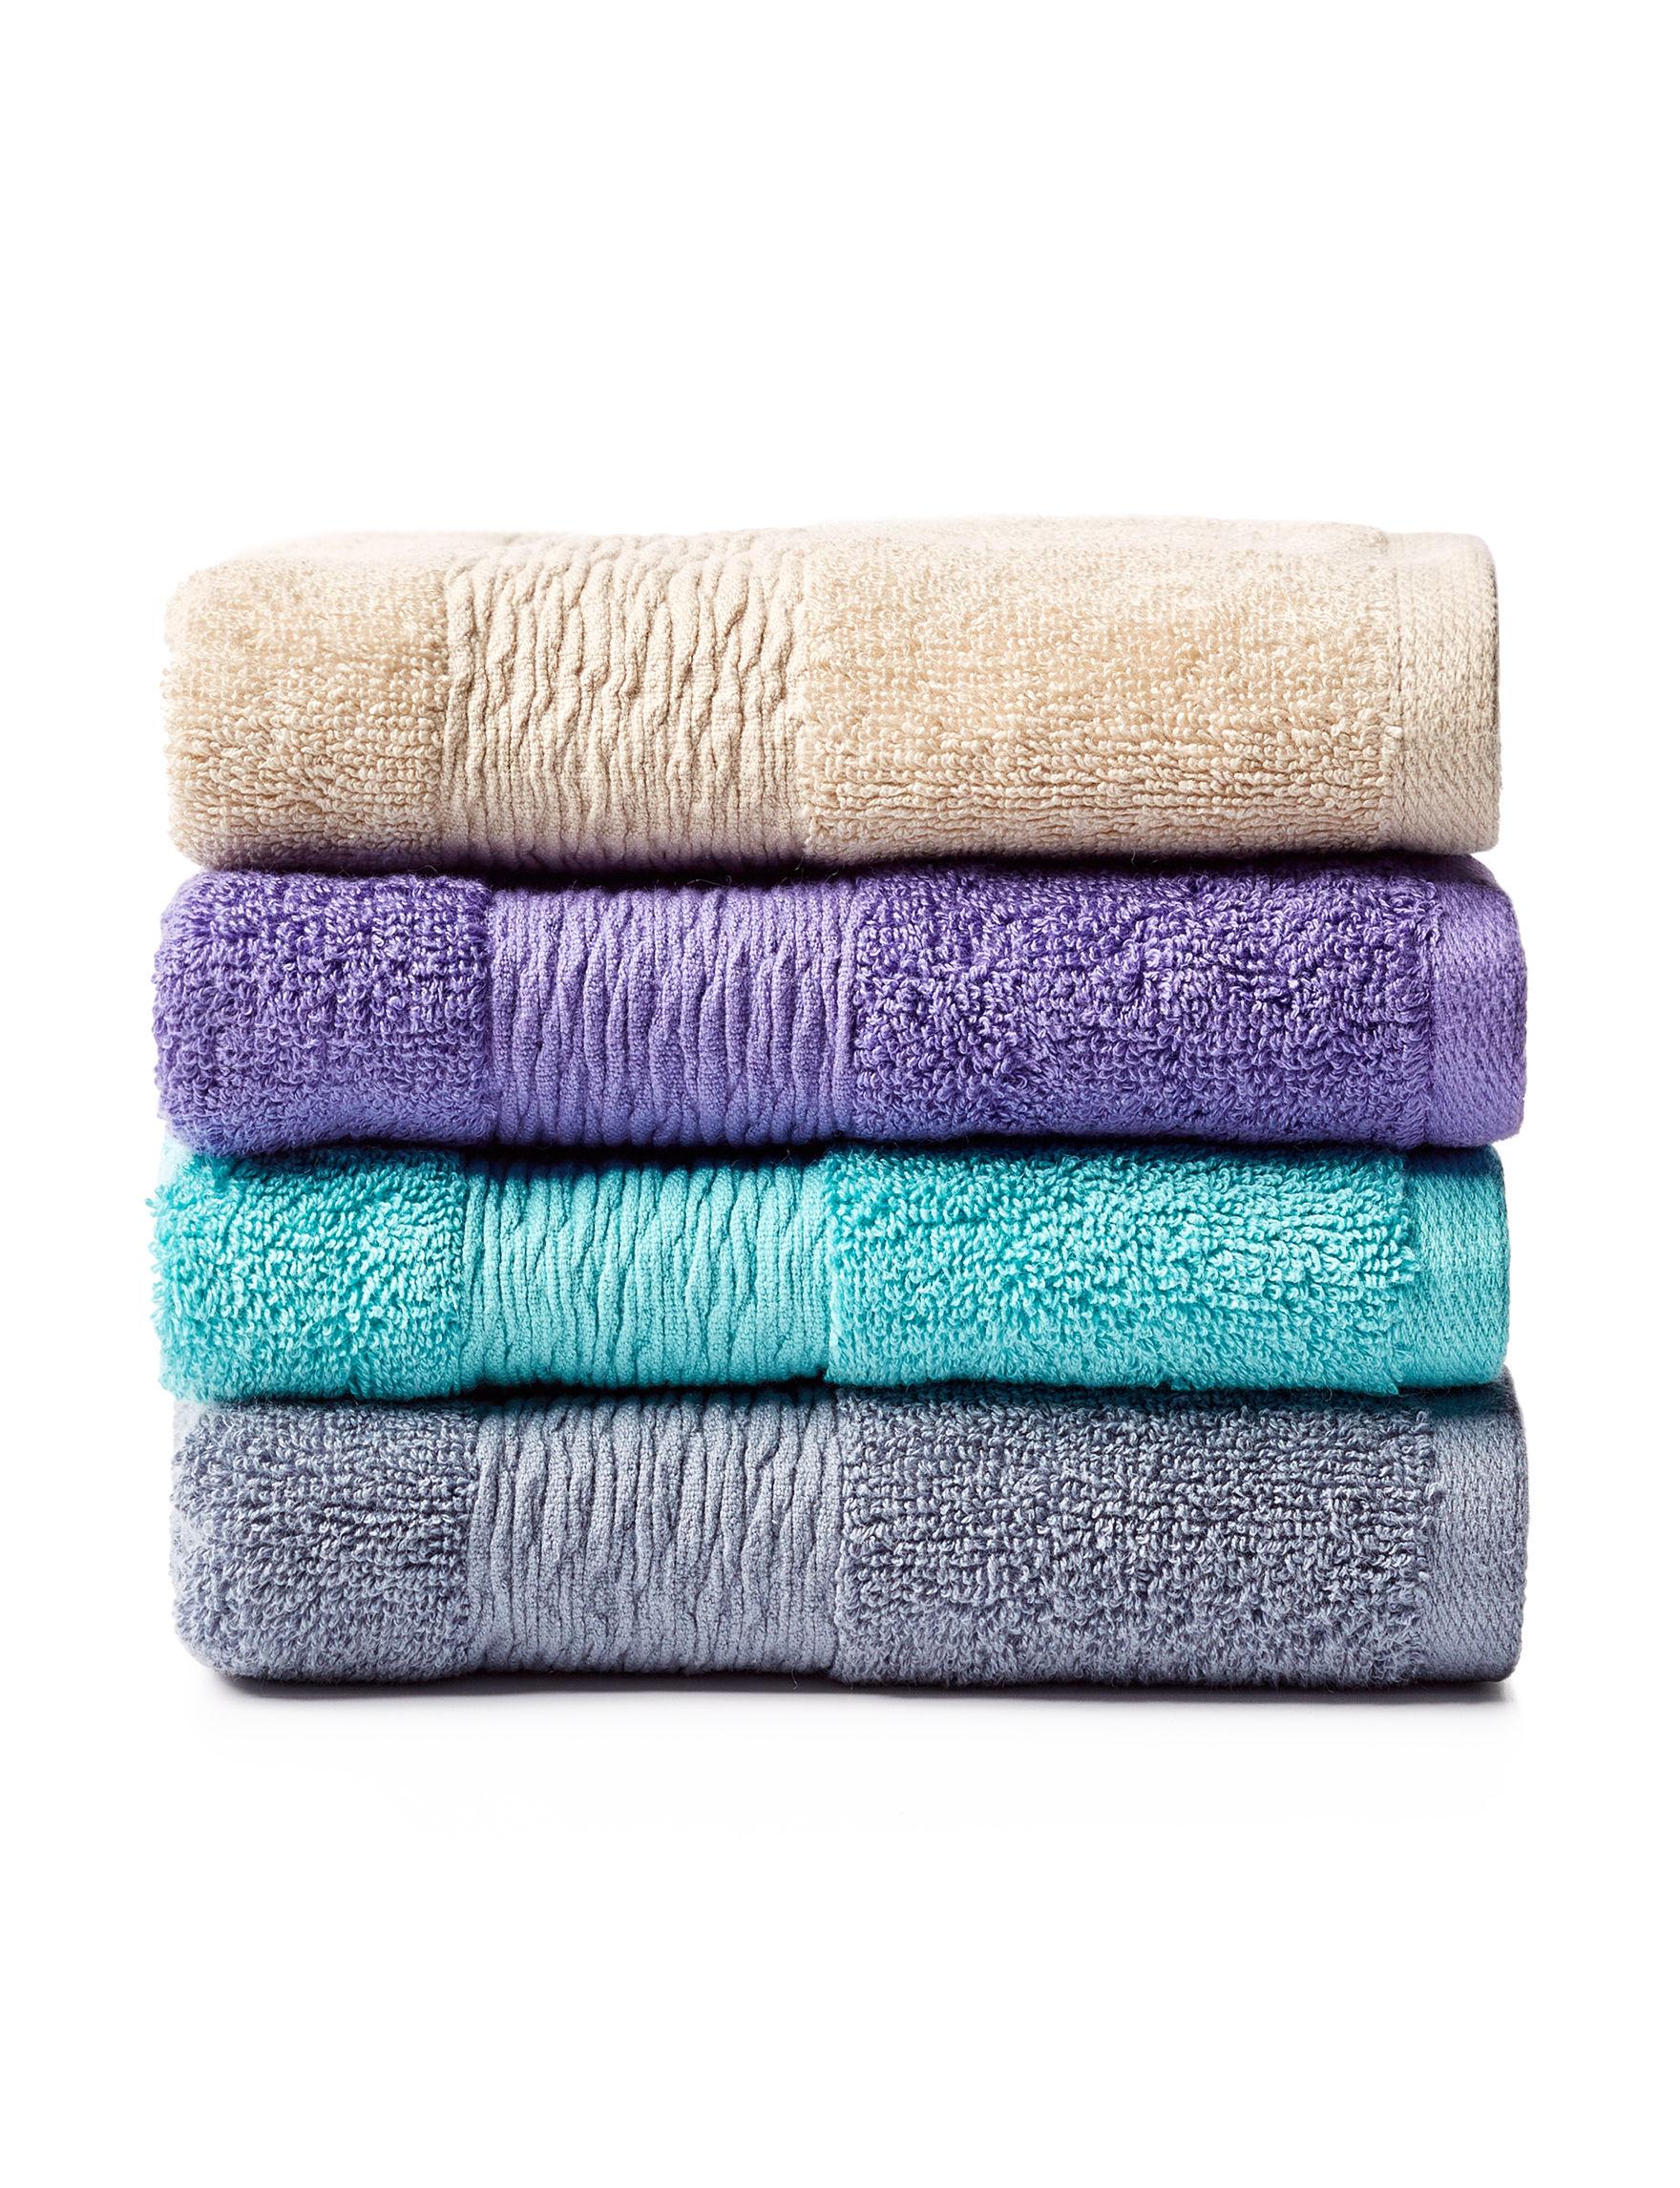 Jessica Simpson Aqua Hand Towels Towels